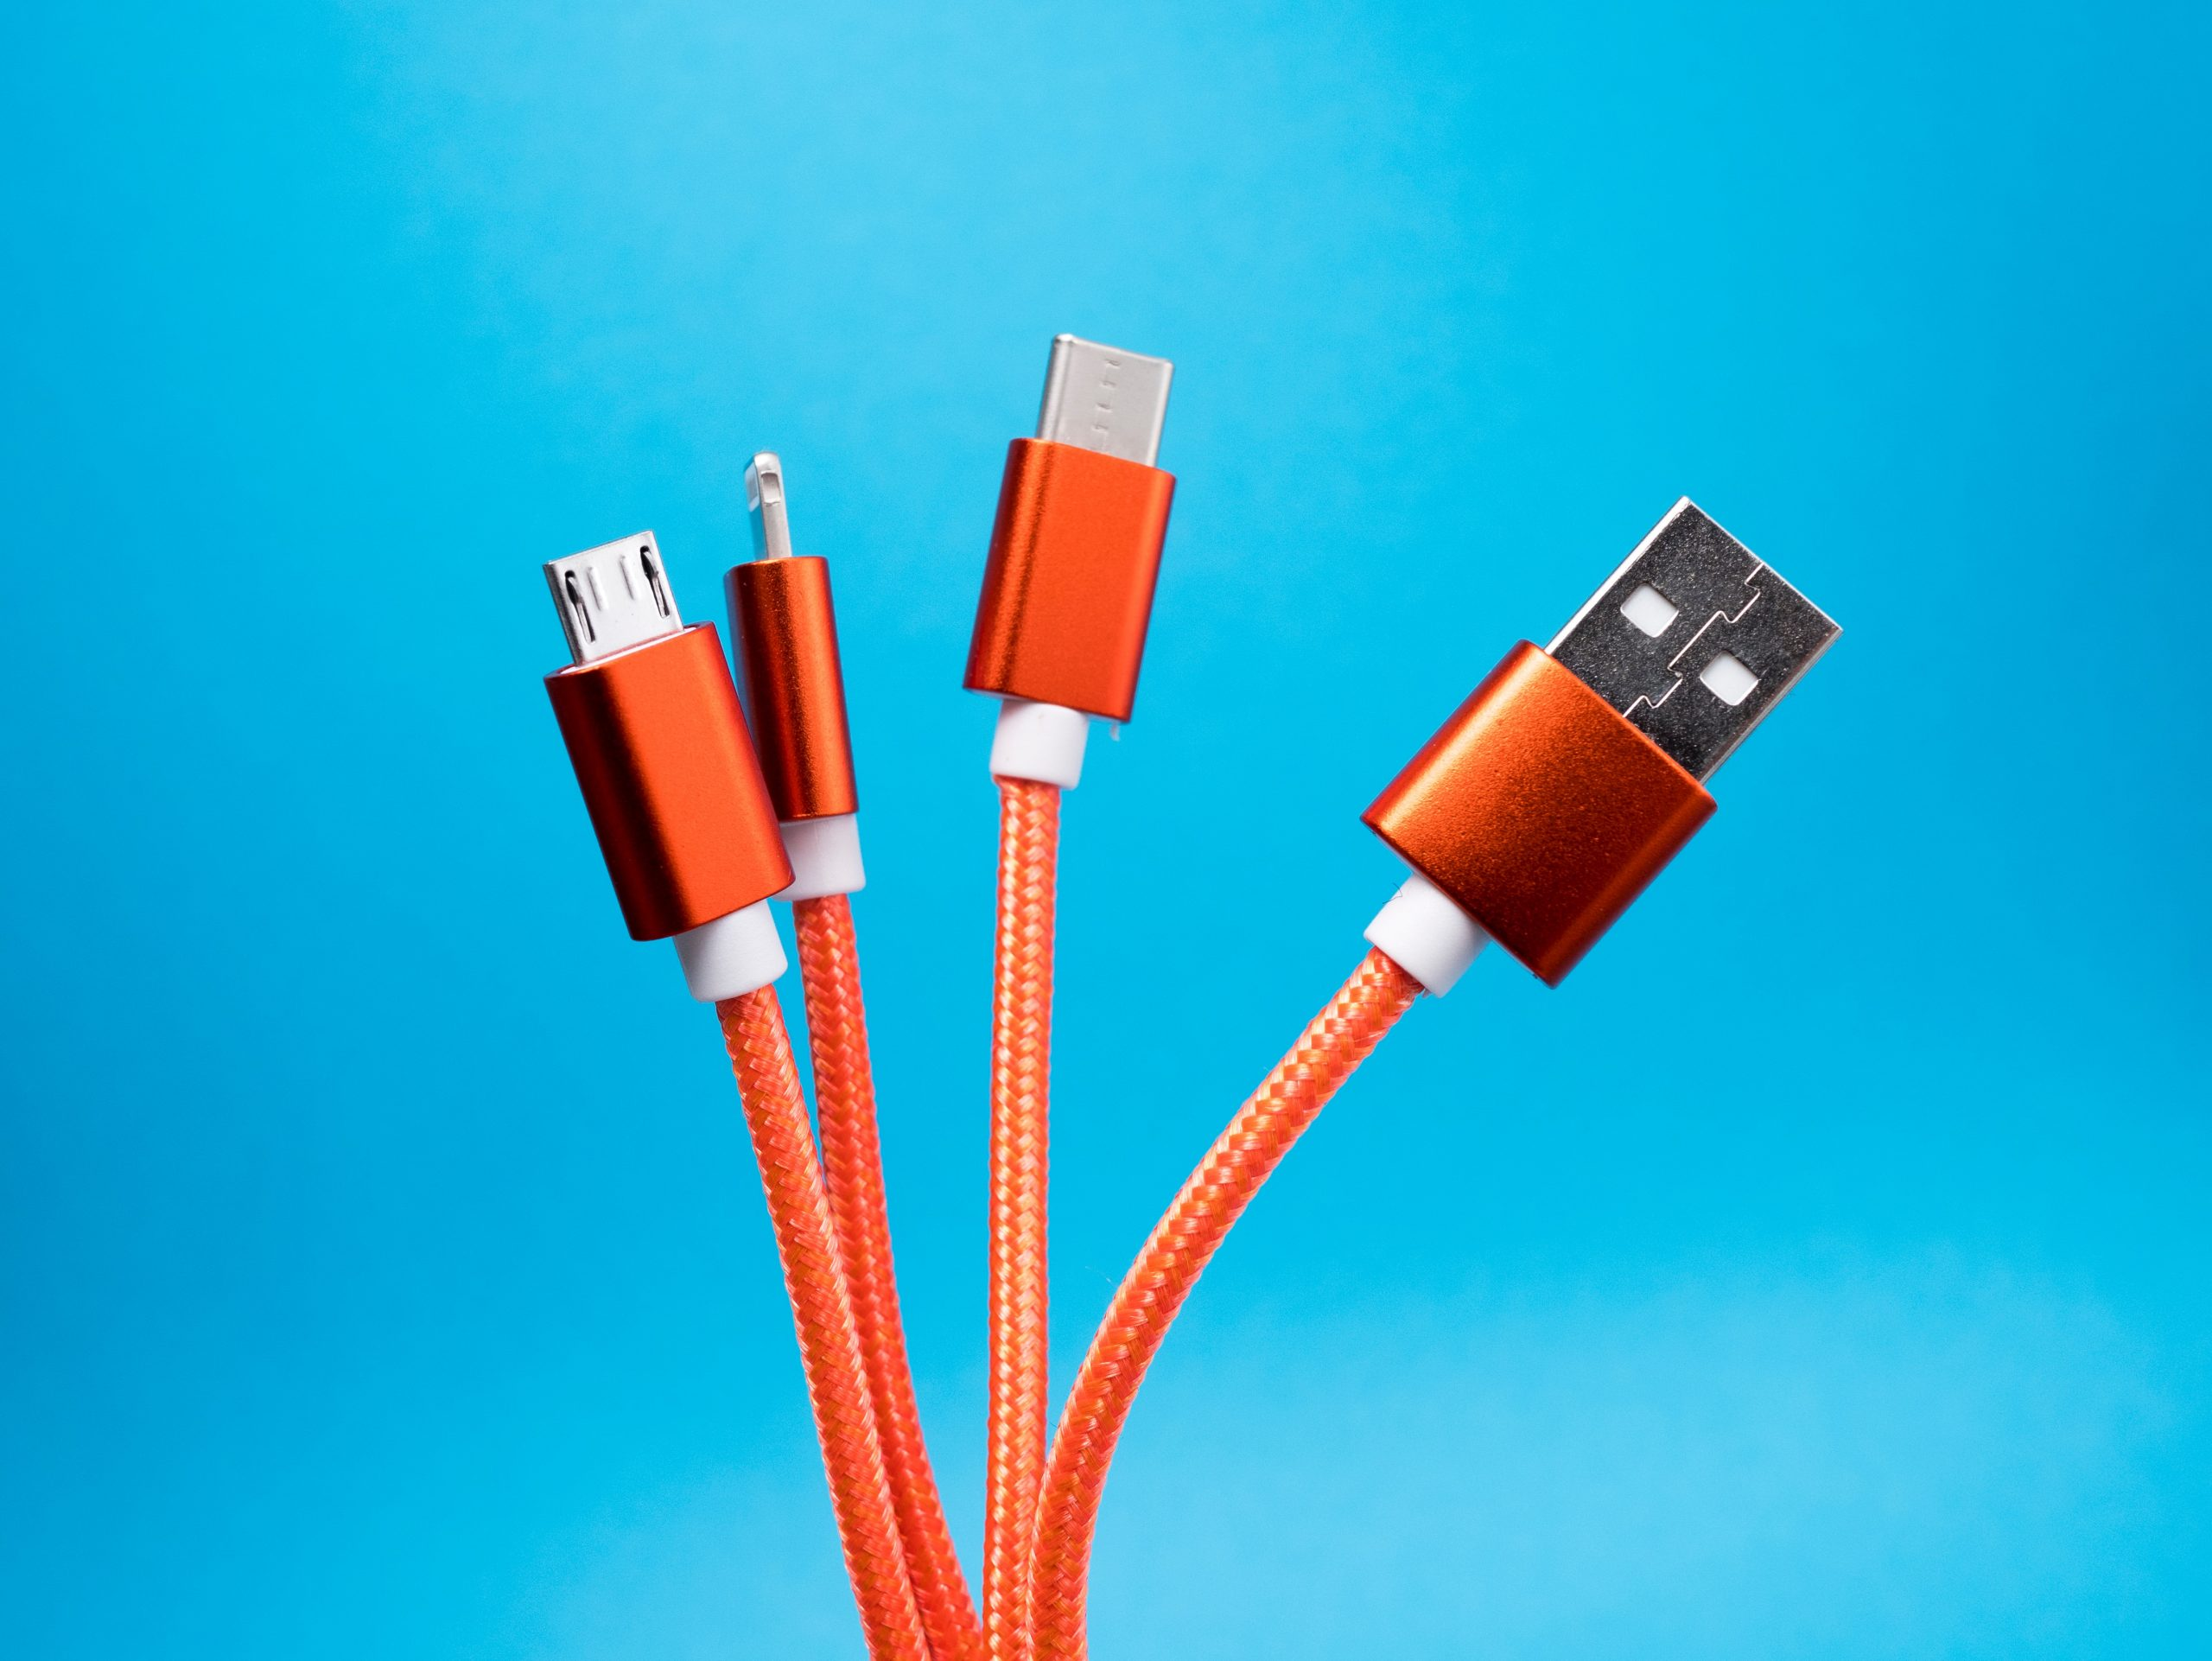 União Europeia: obrigação para utilizar portas USB-C em todos os equipamentos (incluindo nos iPhone)